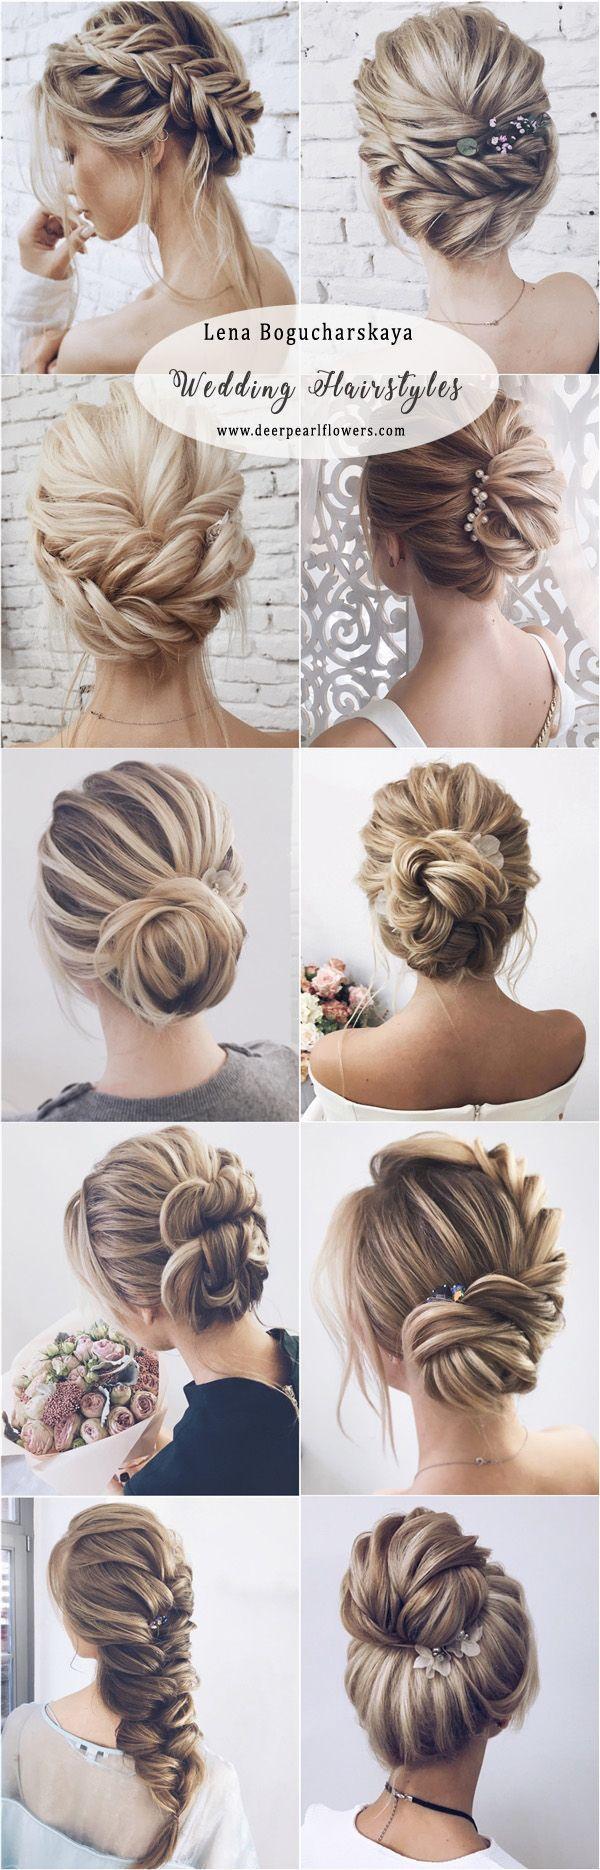 Lena Bogucharskaya Long Wedding Hairstyles For Bride Hairstyles Weddinghairstyletips Hairstylesforwomenb Hochzeitsfrisuren Frisur Hochzeit Frisuren Hochzeit